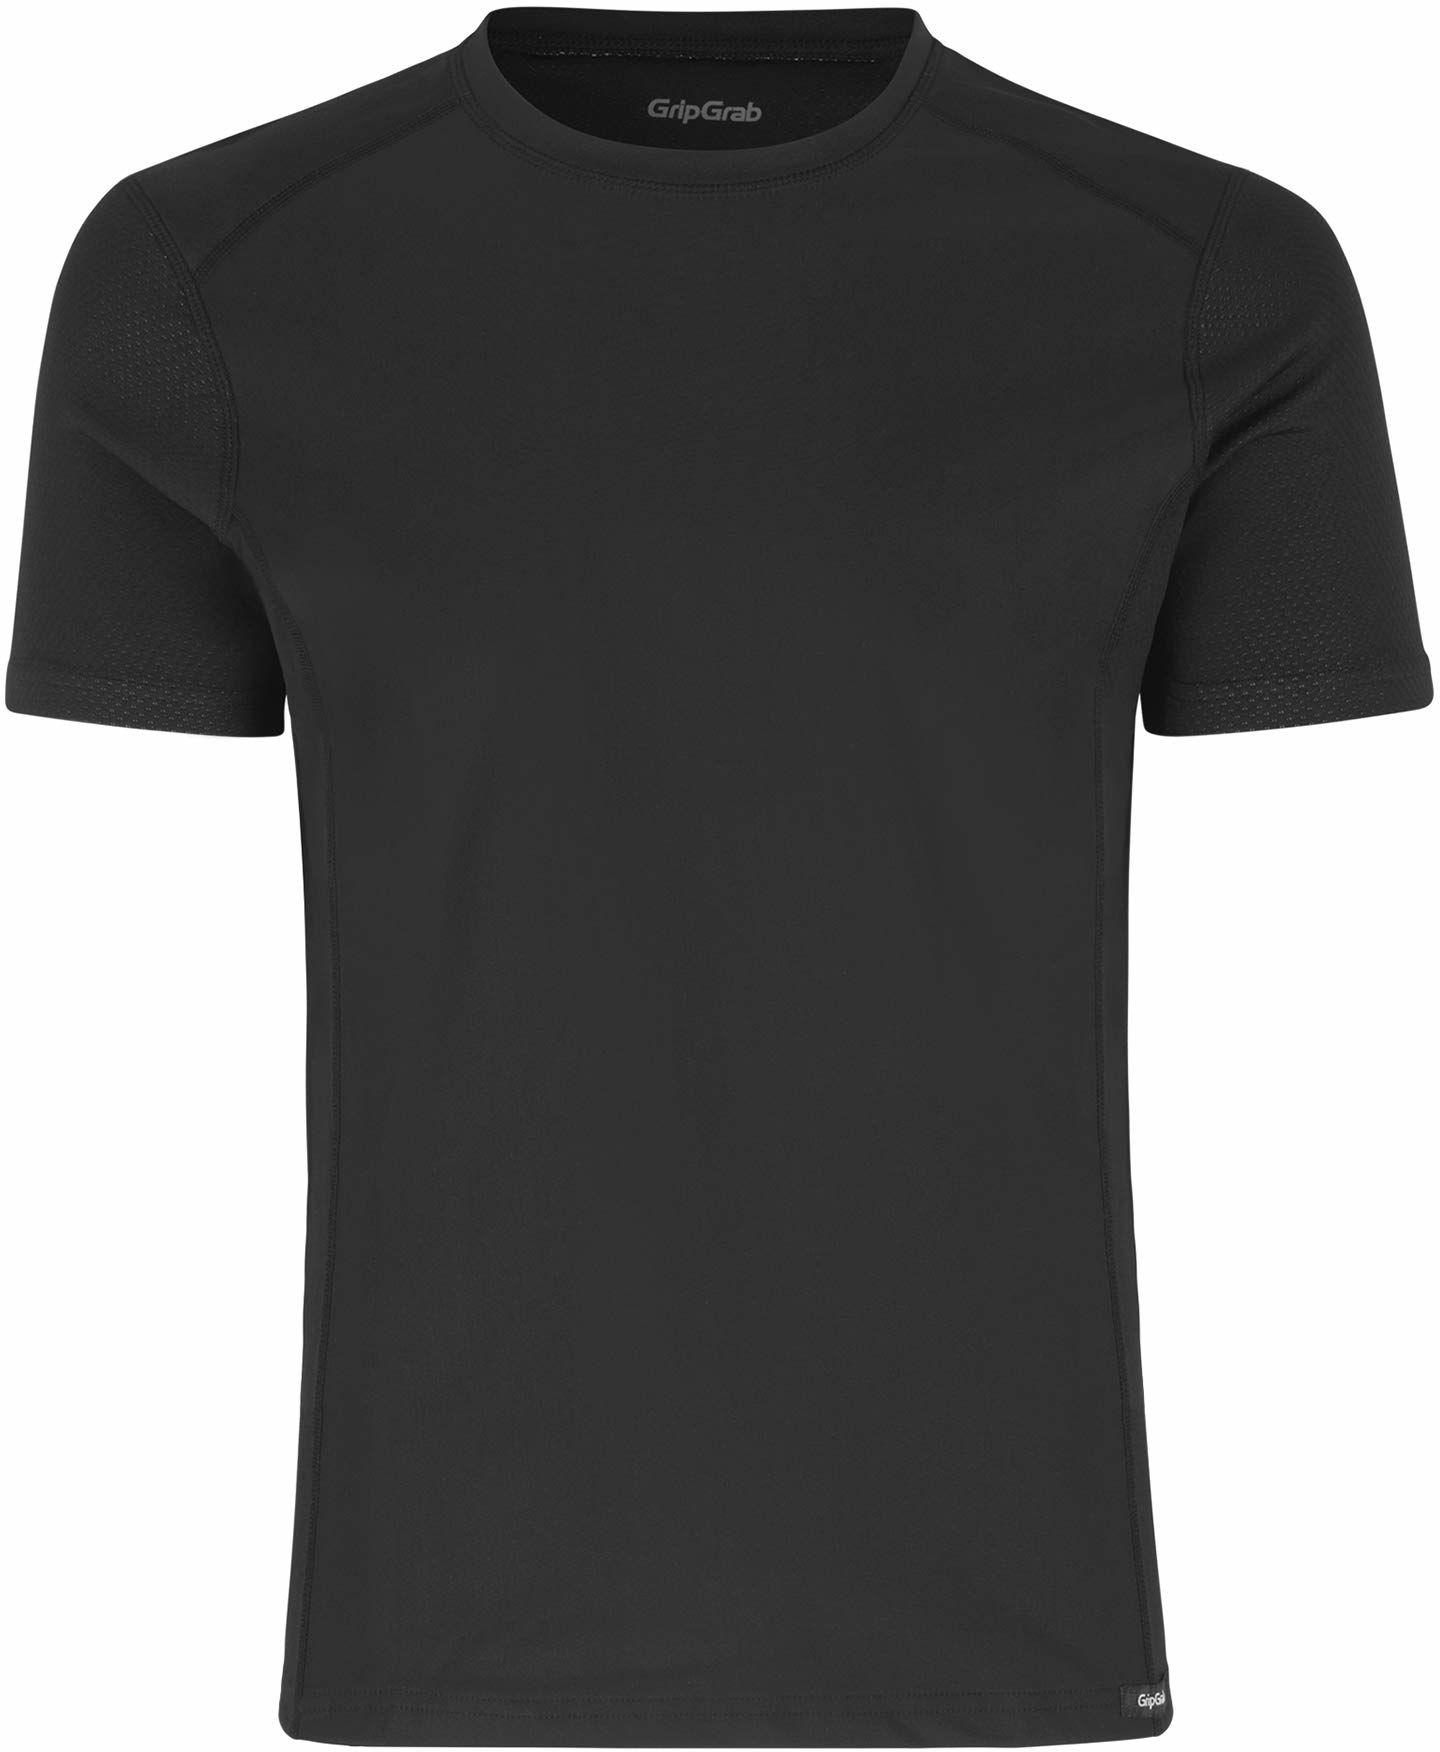 GripGrab funkcjonalna koszulka funkcyjna, dla dorosłych, odporna na wiatr, z krótkim rękawem, do jazdy na rowerze, bez zapachu, wysoka oddychalność, sport, czarny, XXL